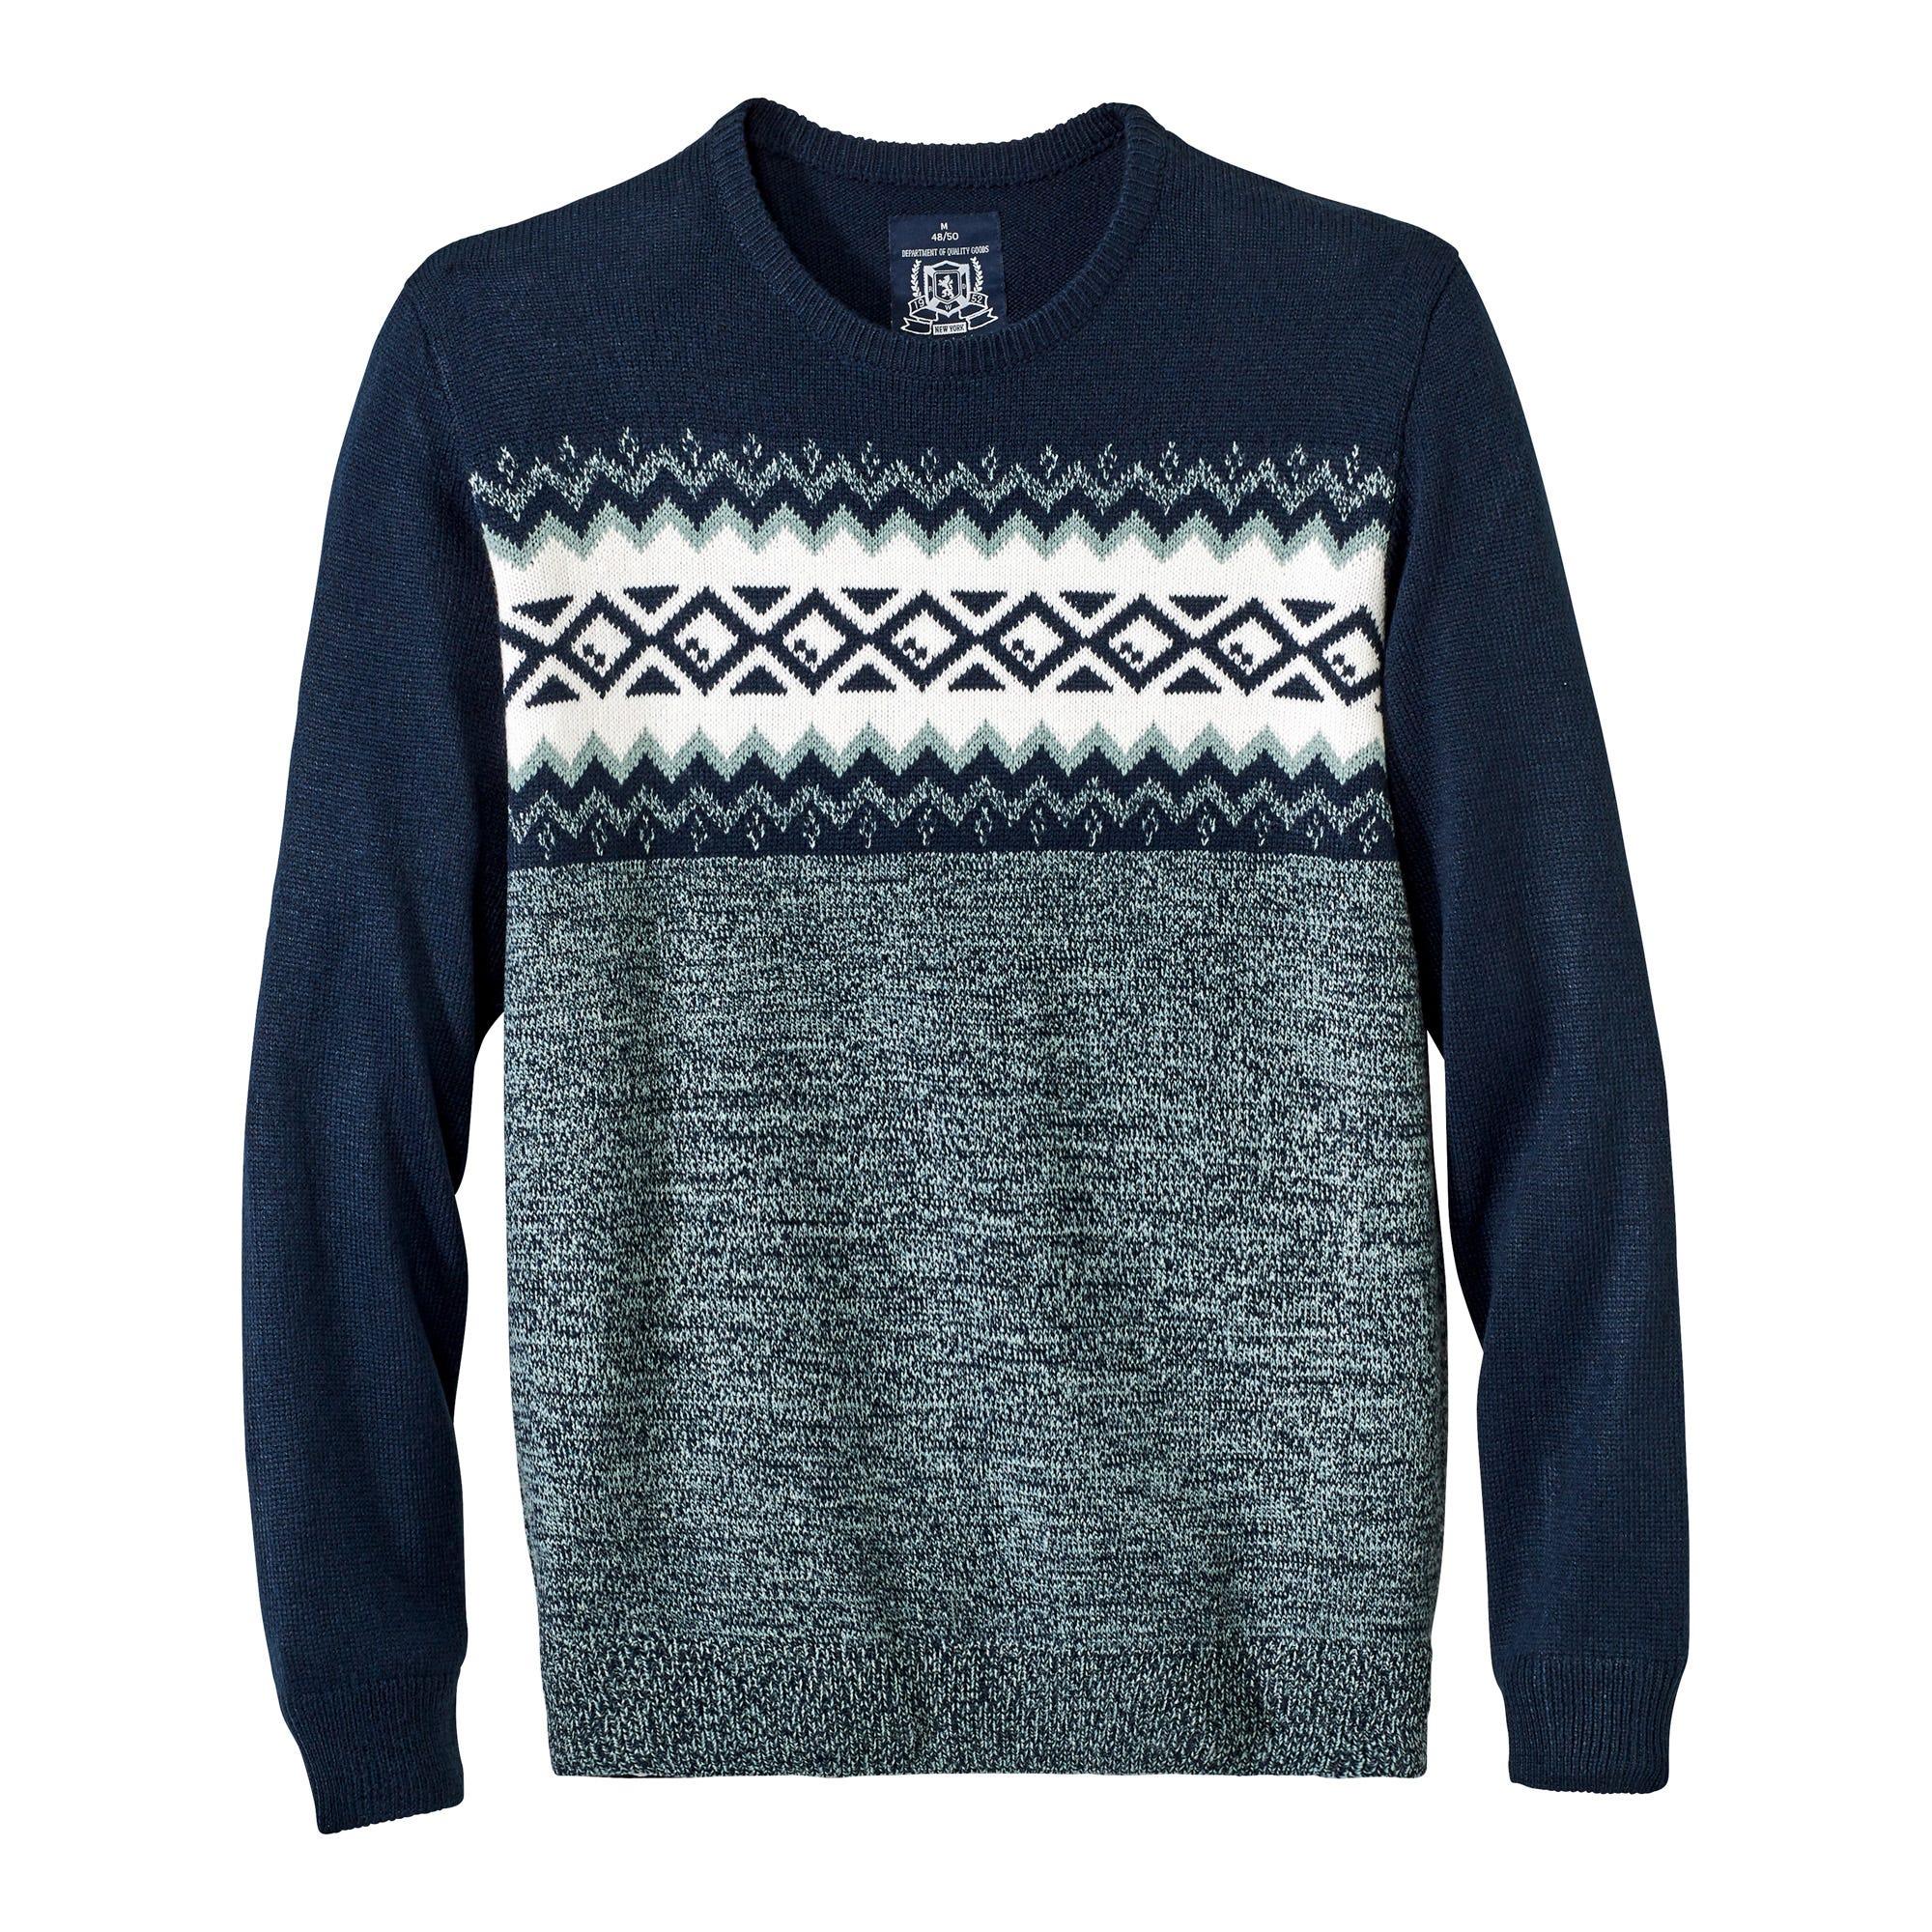 Sweatshirts Größter Rabatt & Damen,Herren,Accessories